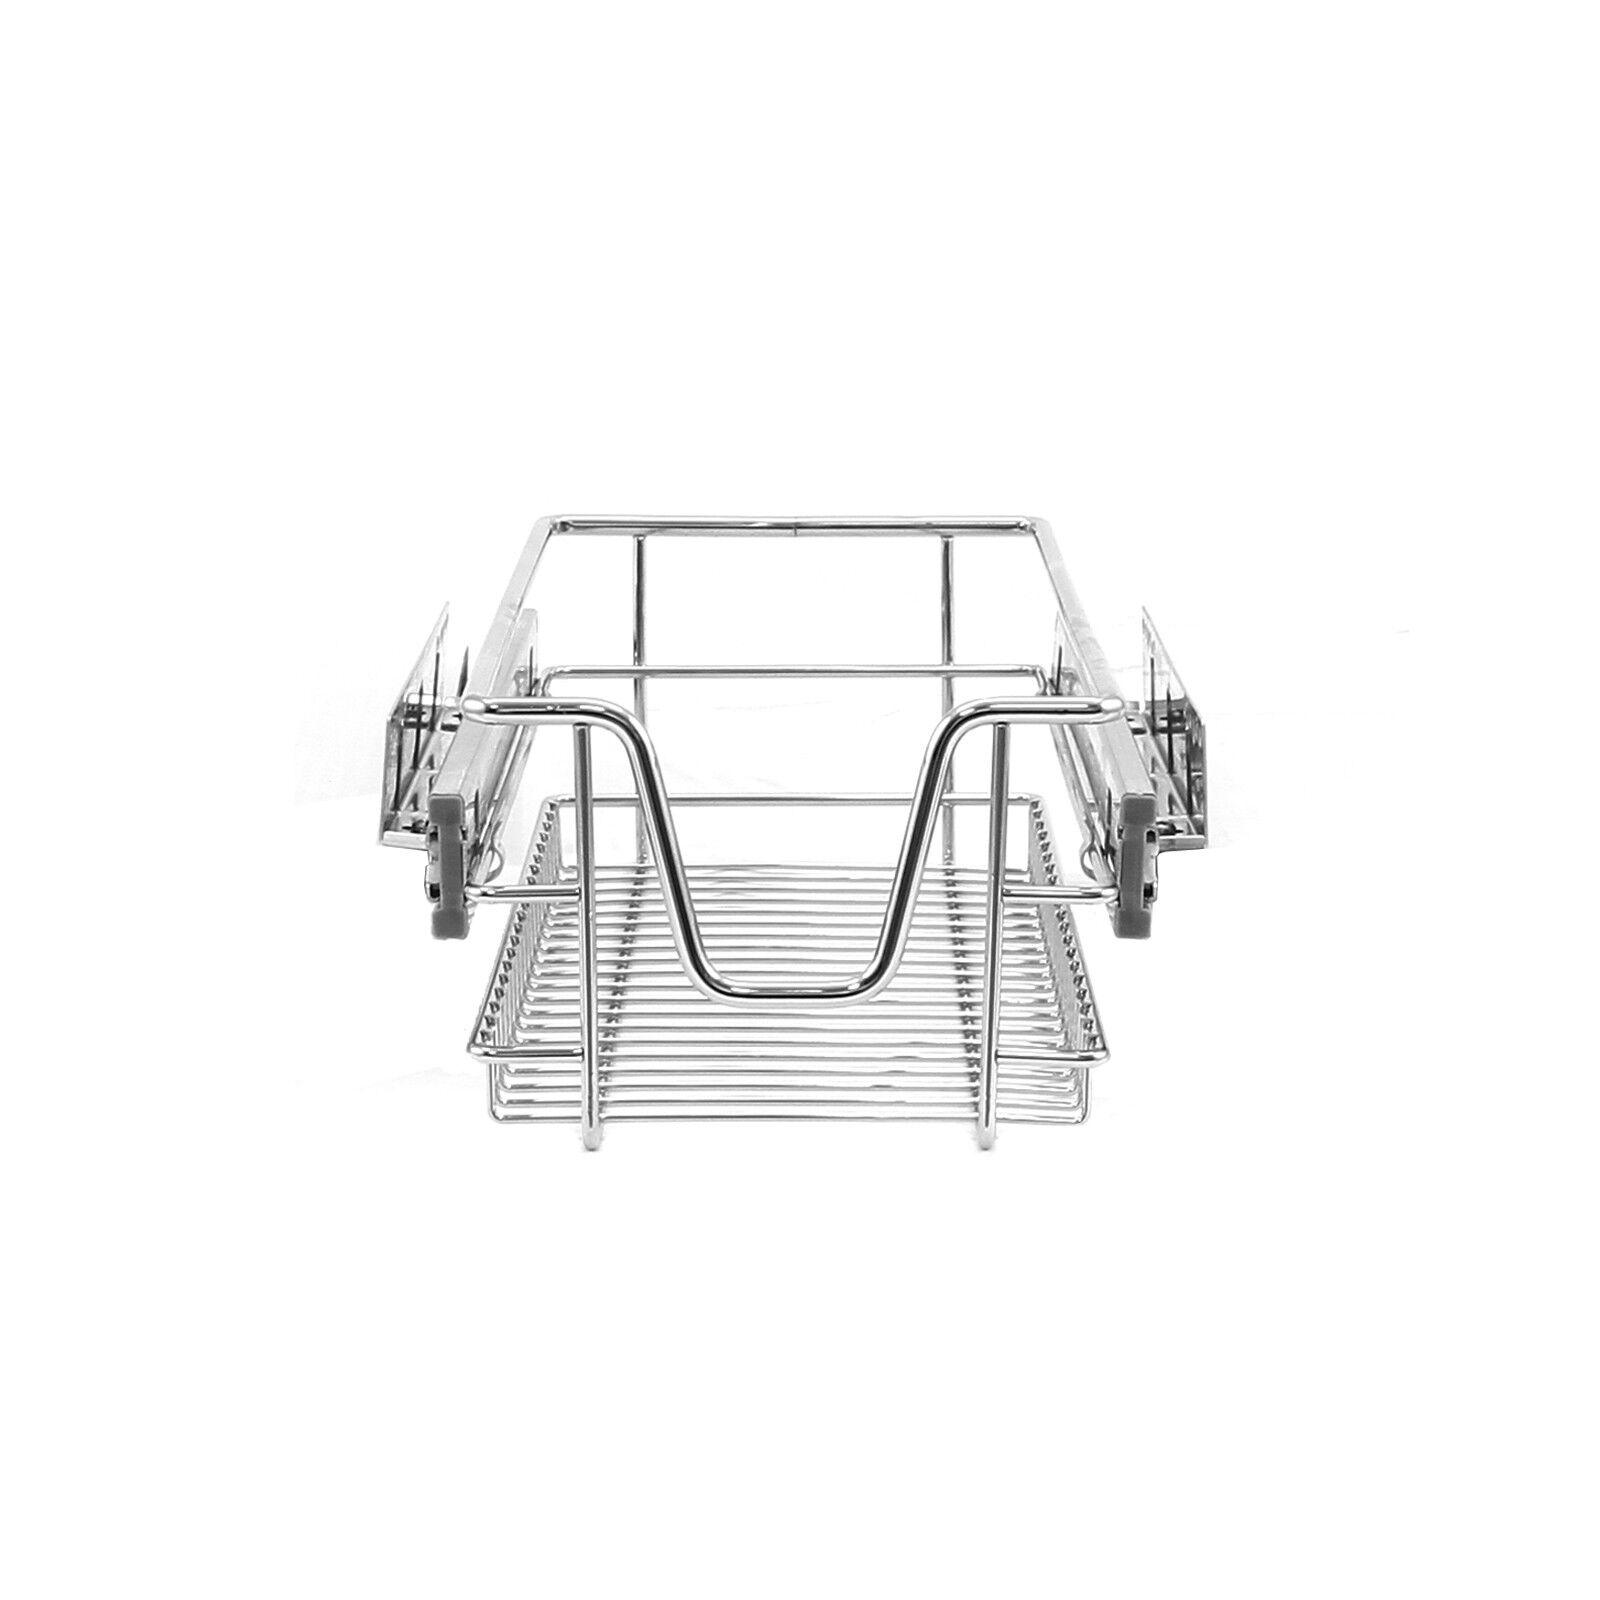 Cajon de Cocina Telescopico Extraíbles Muebles de 30cm Acero Inoxidable (3 Uds)